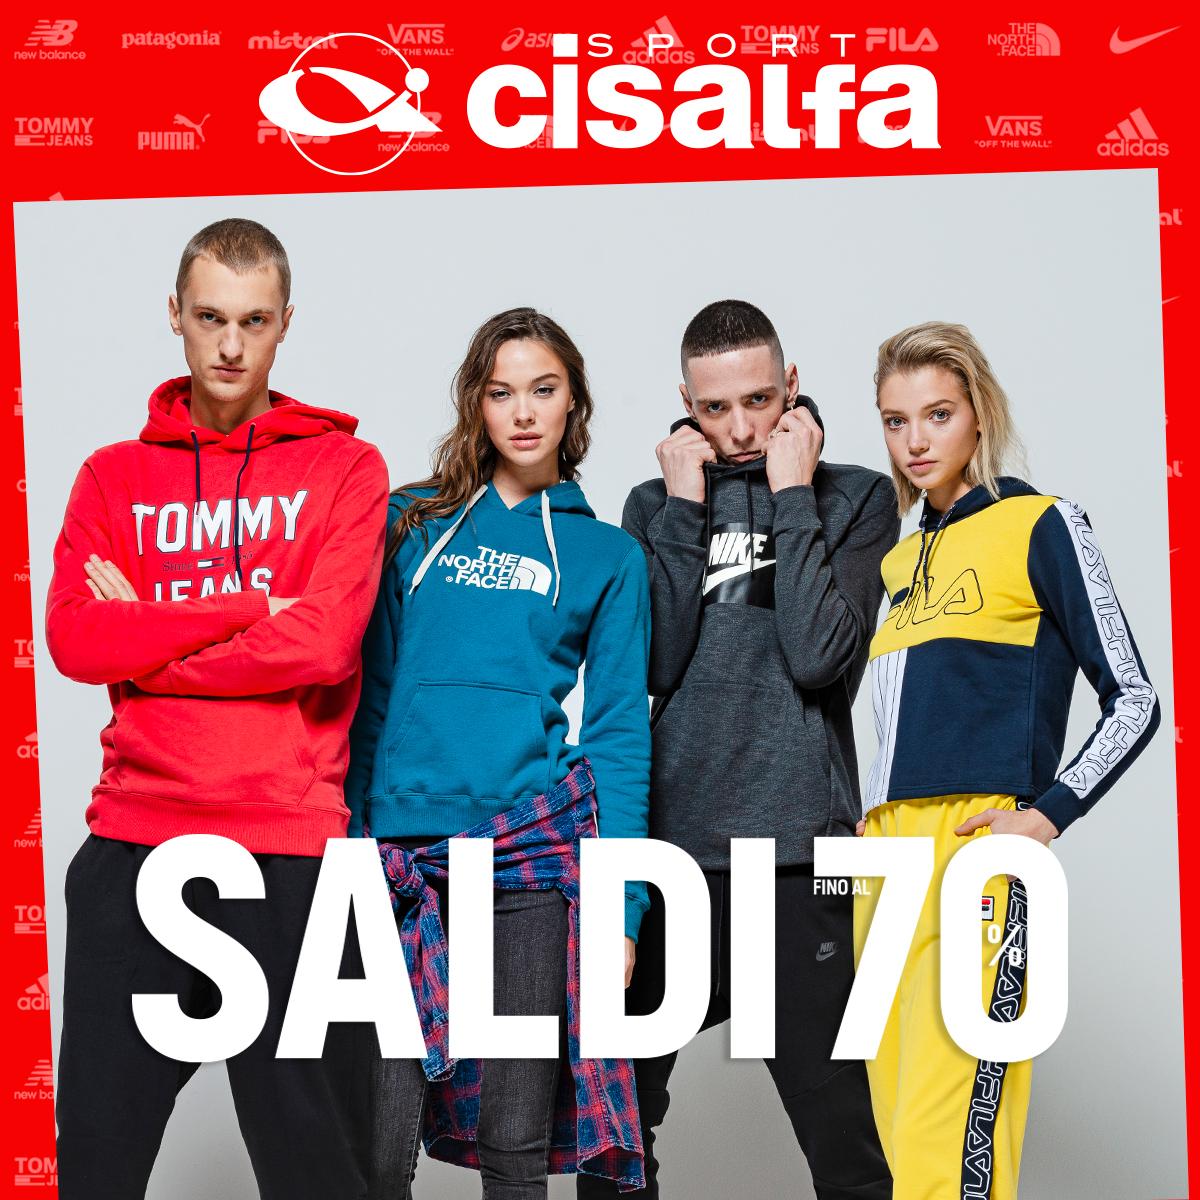 Cisalfa Sport: Saldi